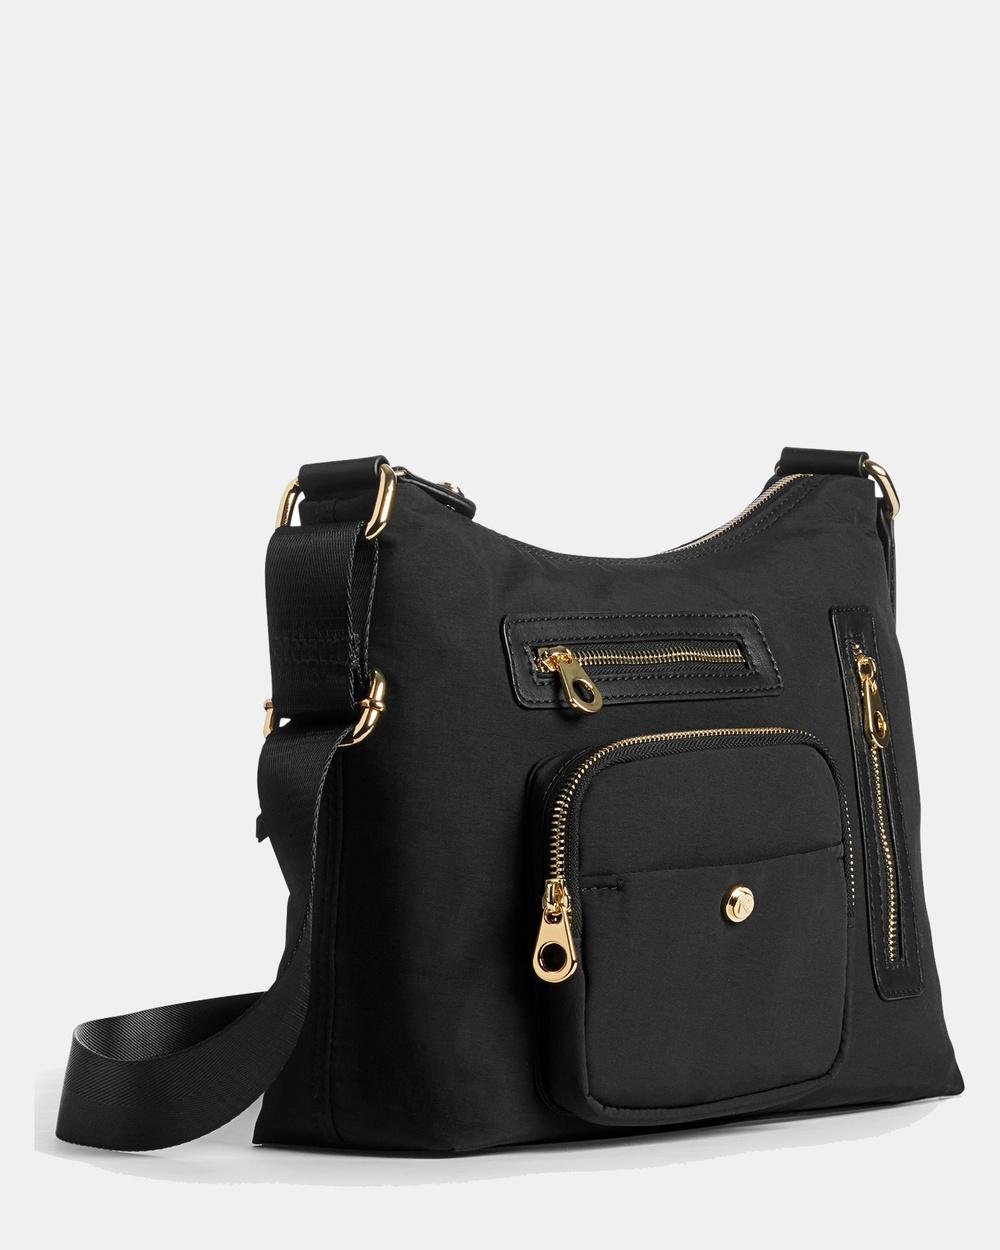 Naturalizer Safari Crossbody Bag Bags Black